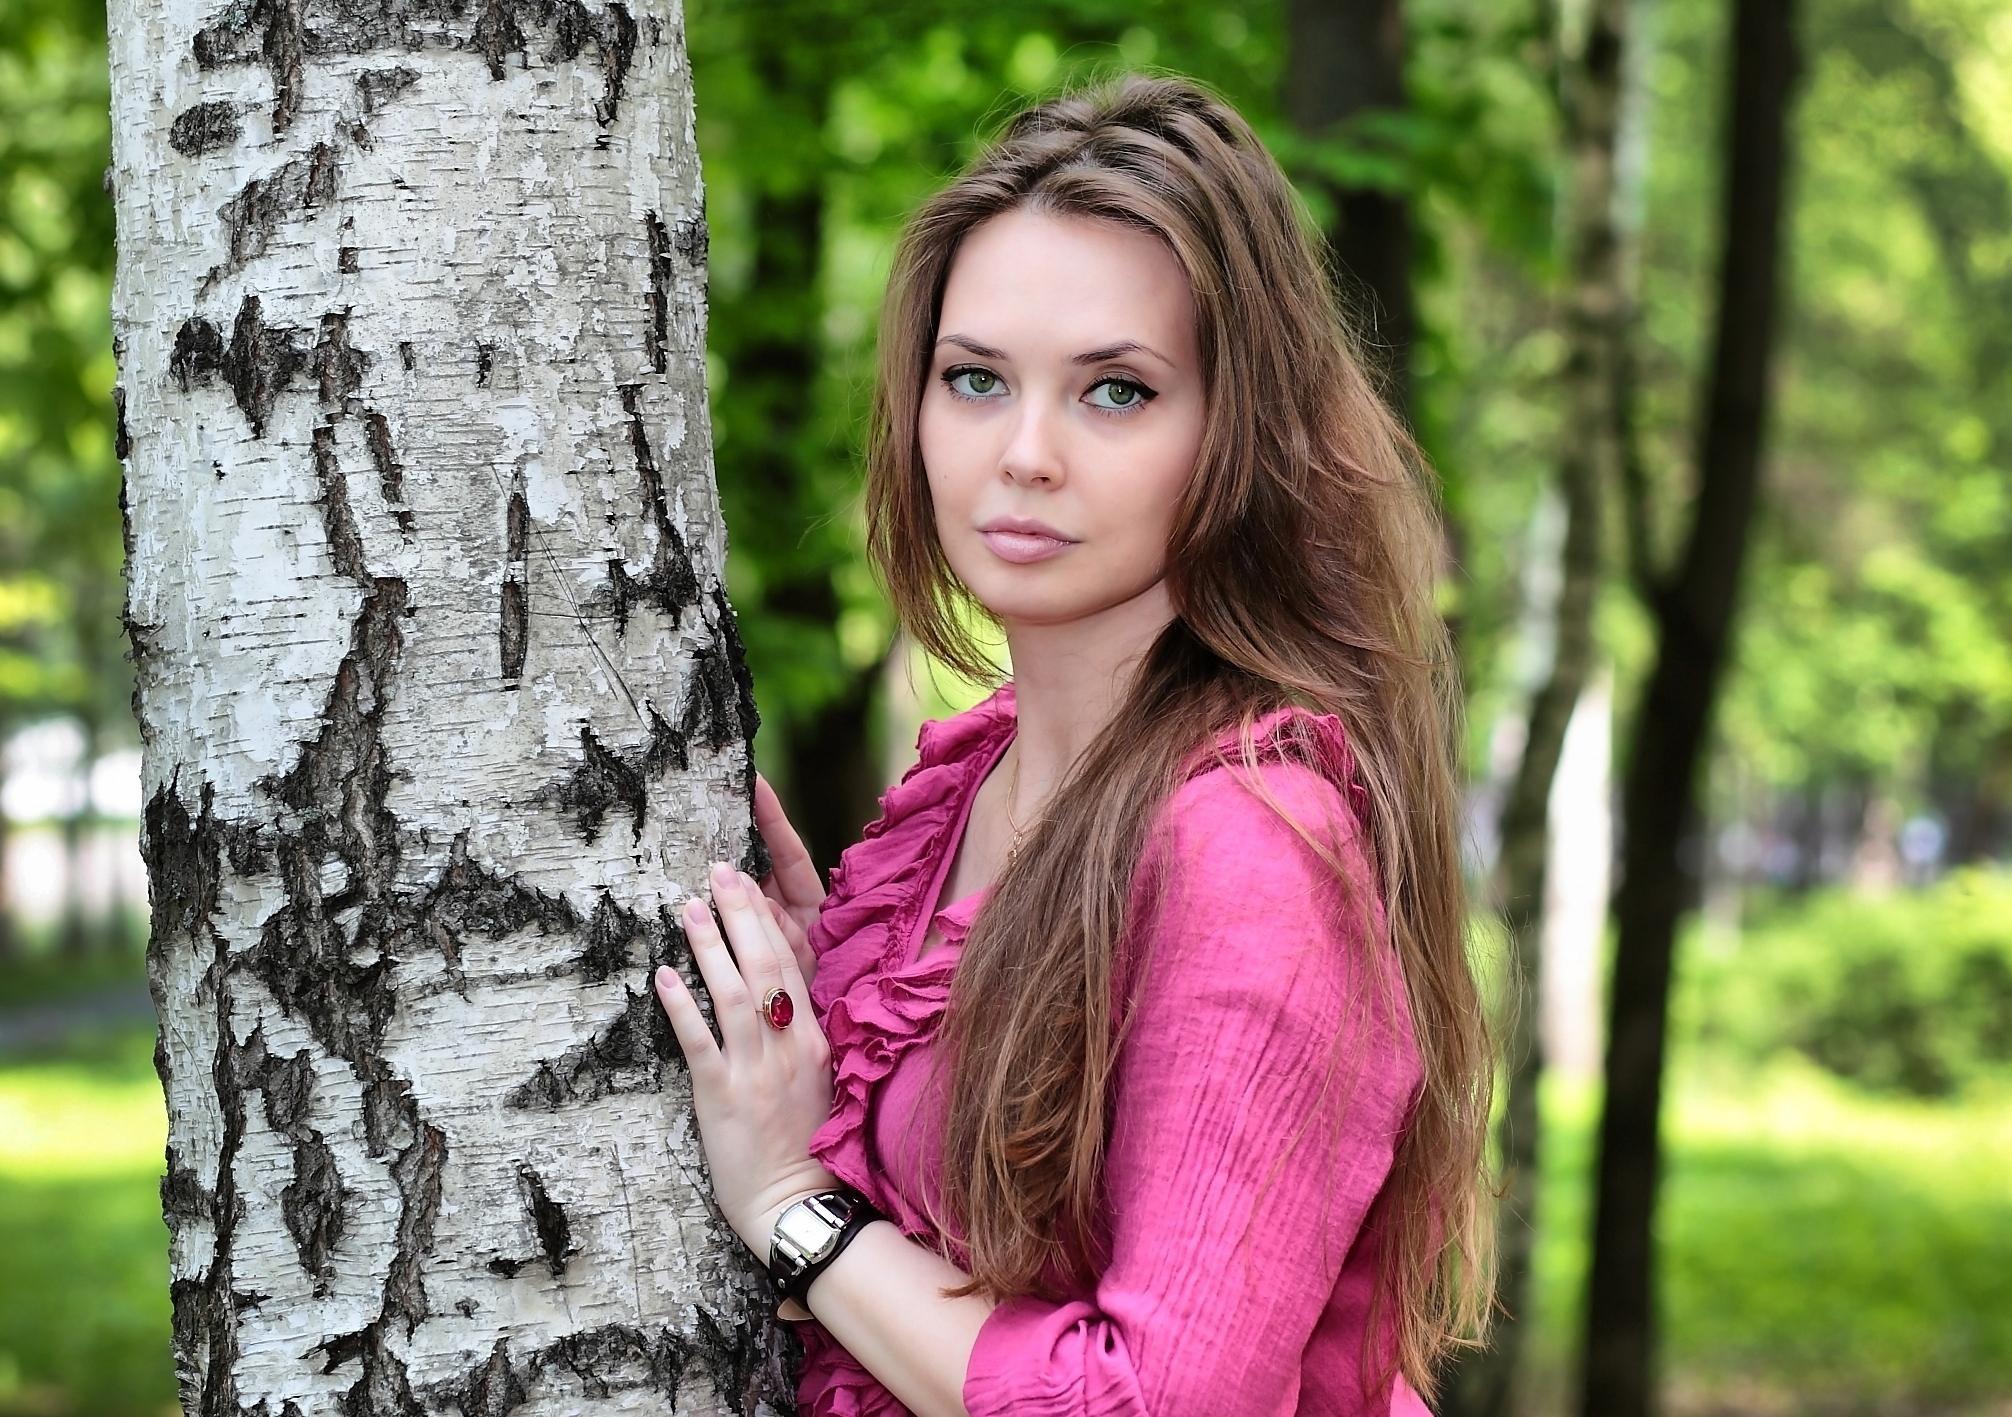 Смотреть 35 летняя русская женщина 9 фотография